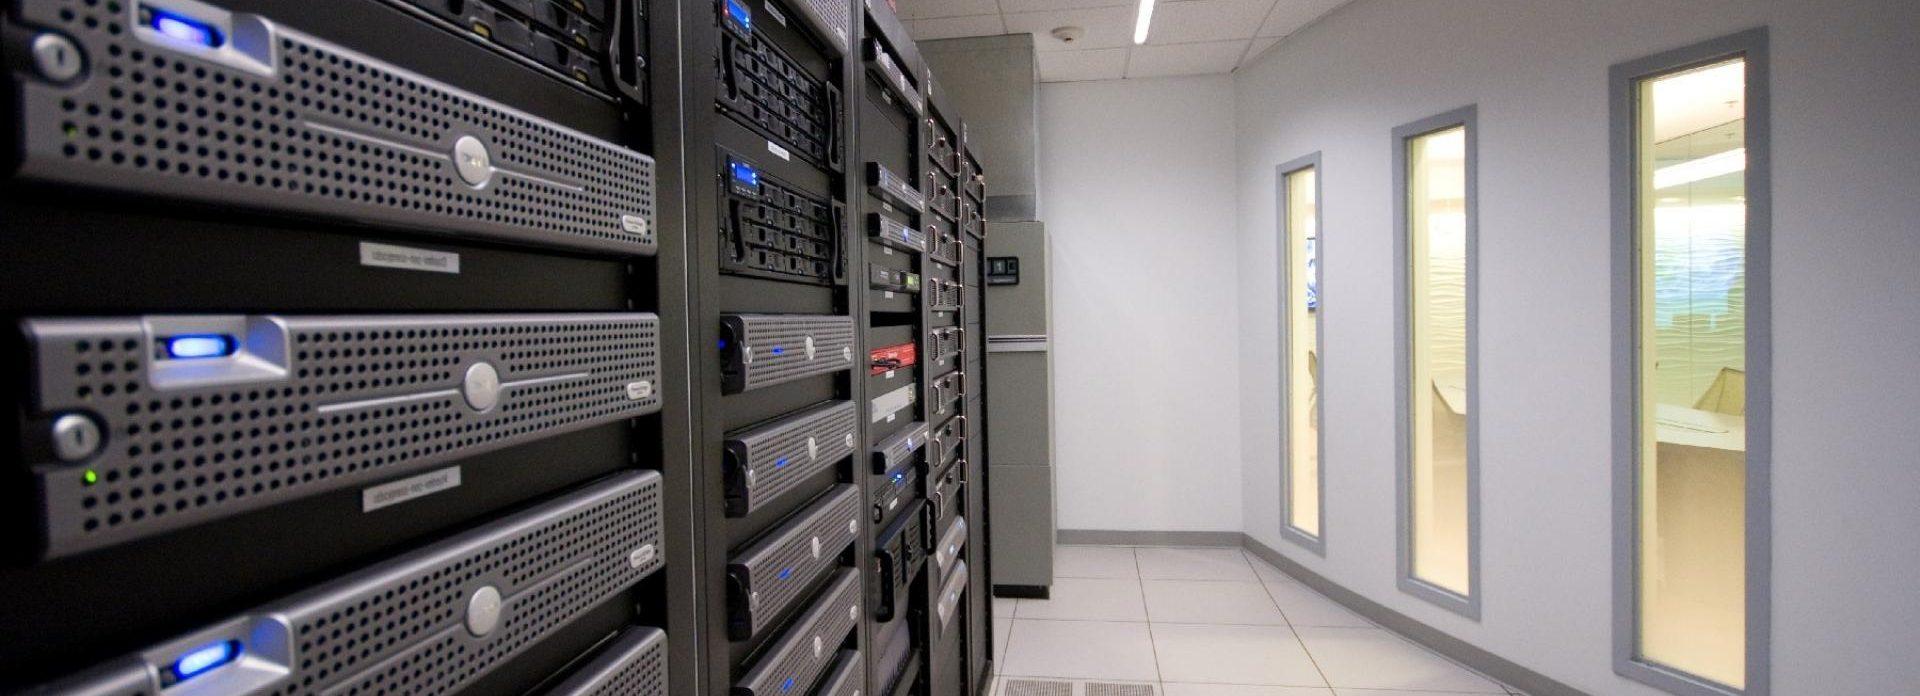 аренды виртуального сервера